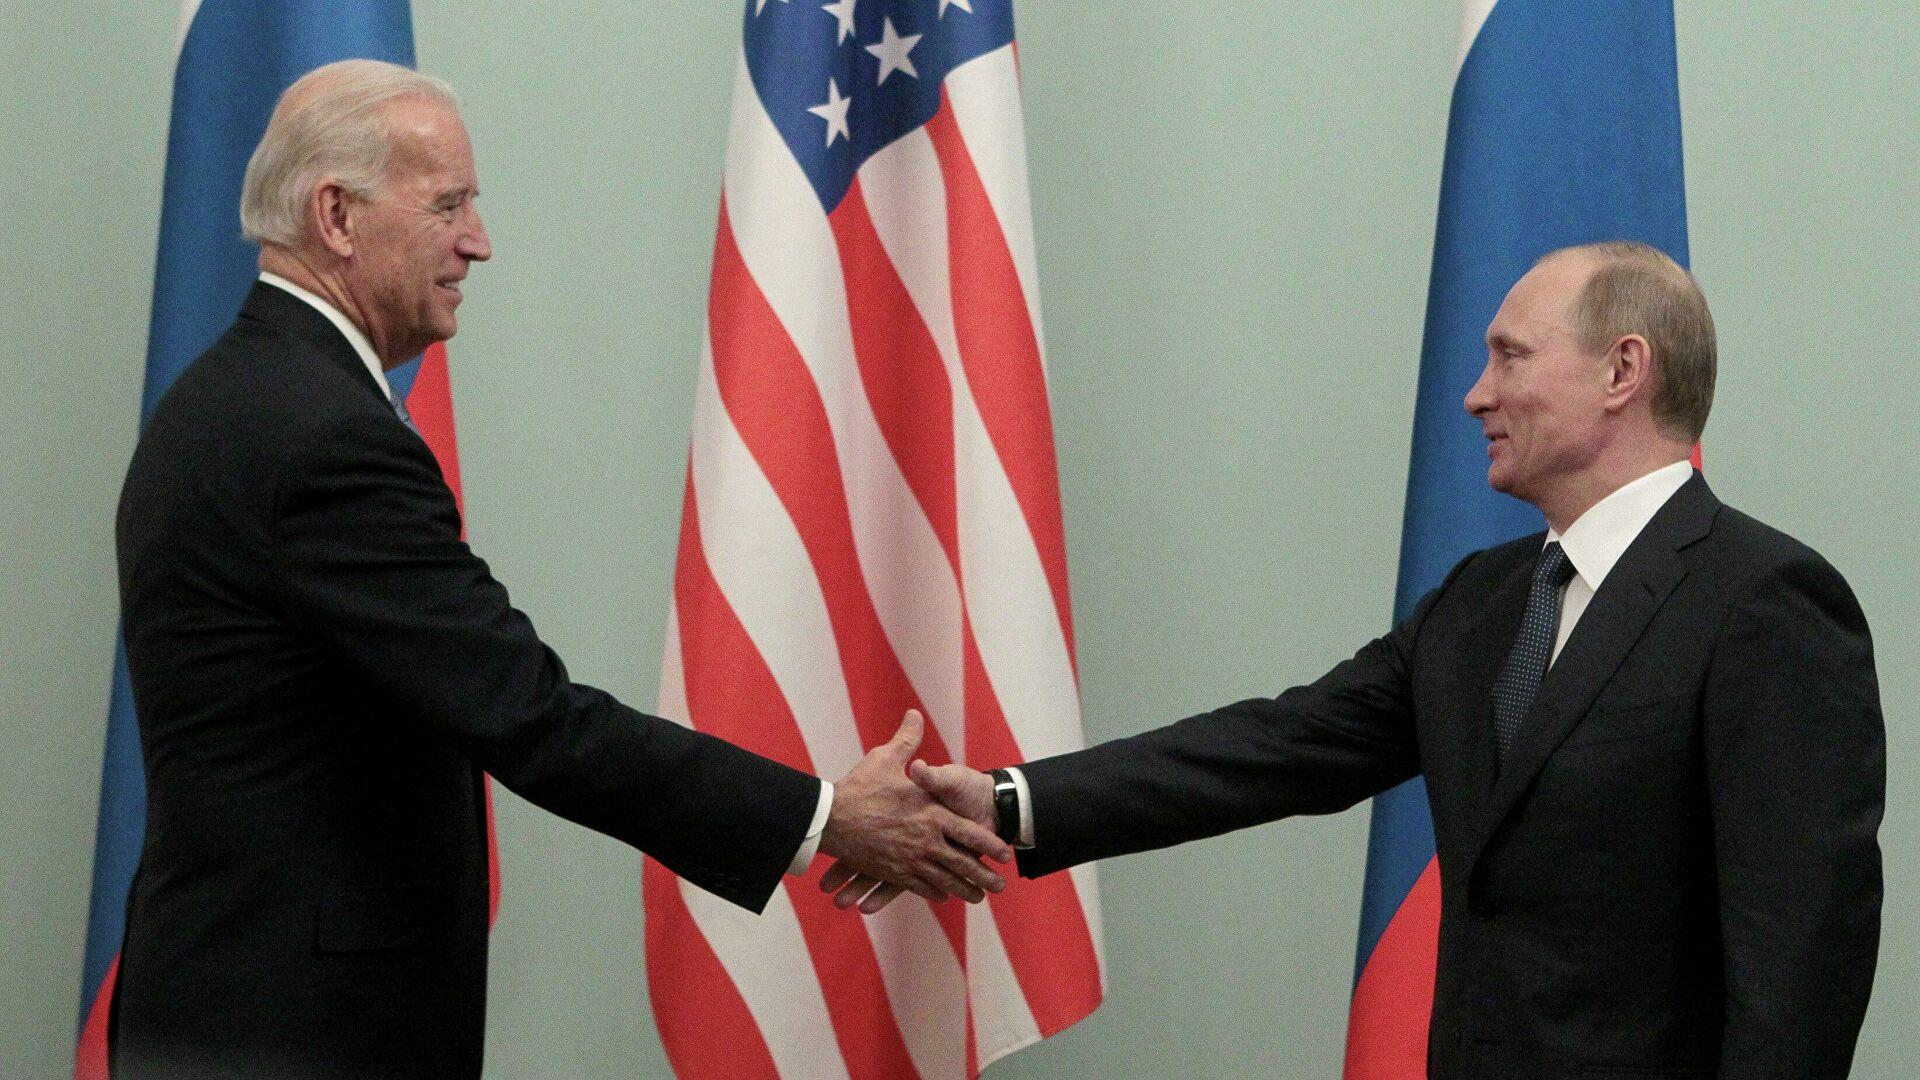 Захарова ответила на вопрос о подготовке встречи Путина и Байдена - РИА Новости, 14.04.2021